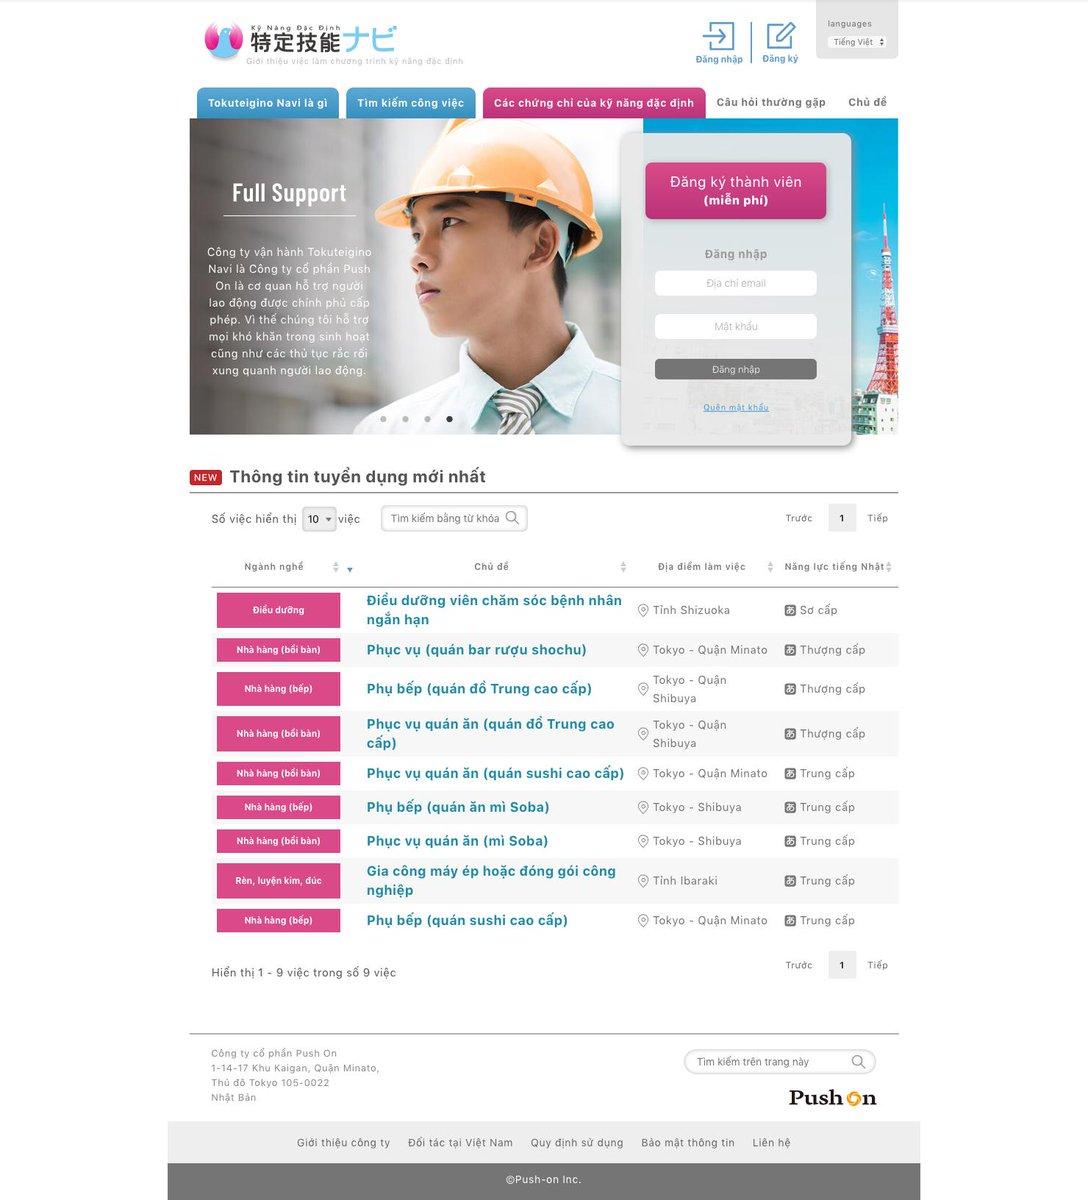 特定技能に特化したオンライン就職マッチングサービス外国人材採用に、プッシュオンが現地語に翻訳、掲載 -